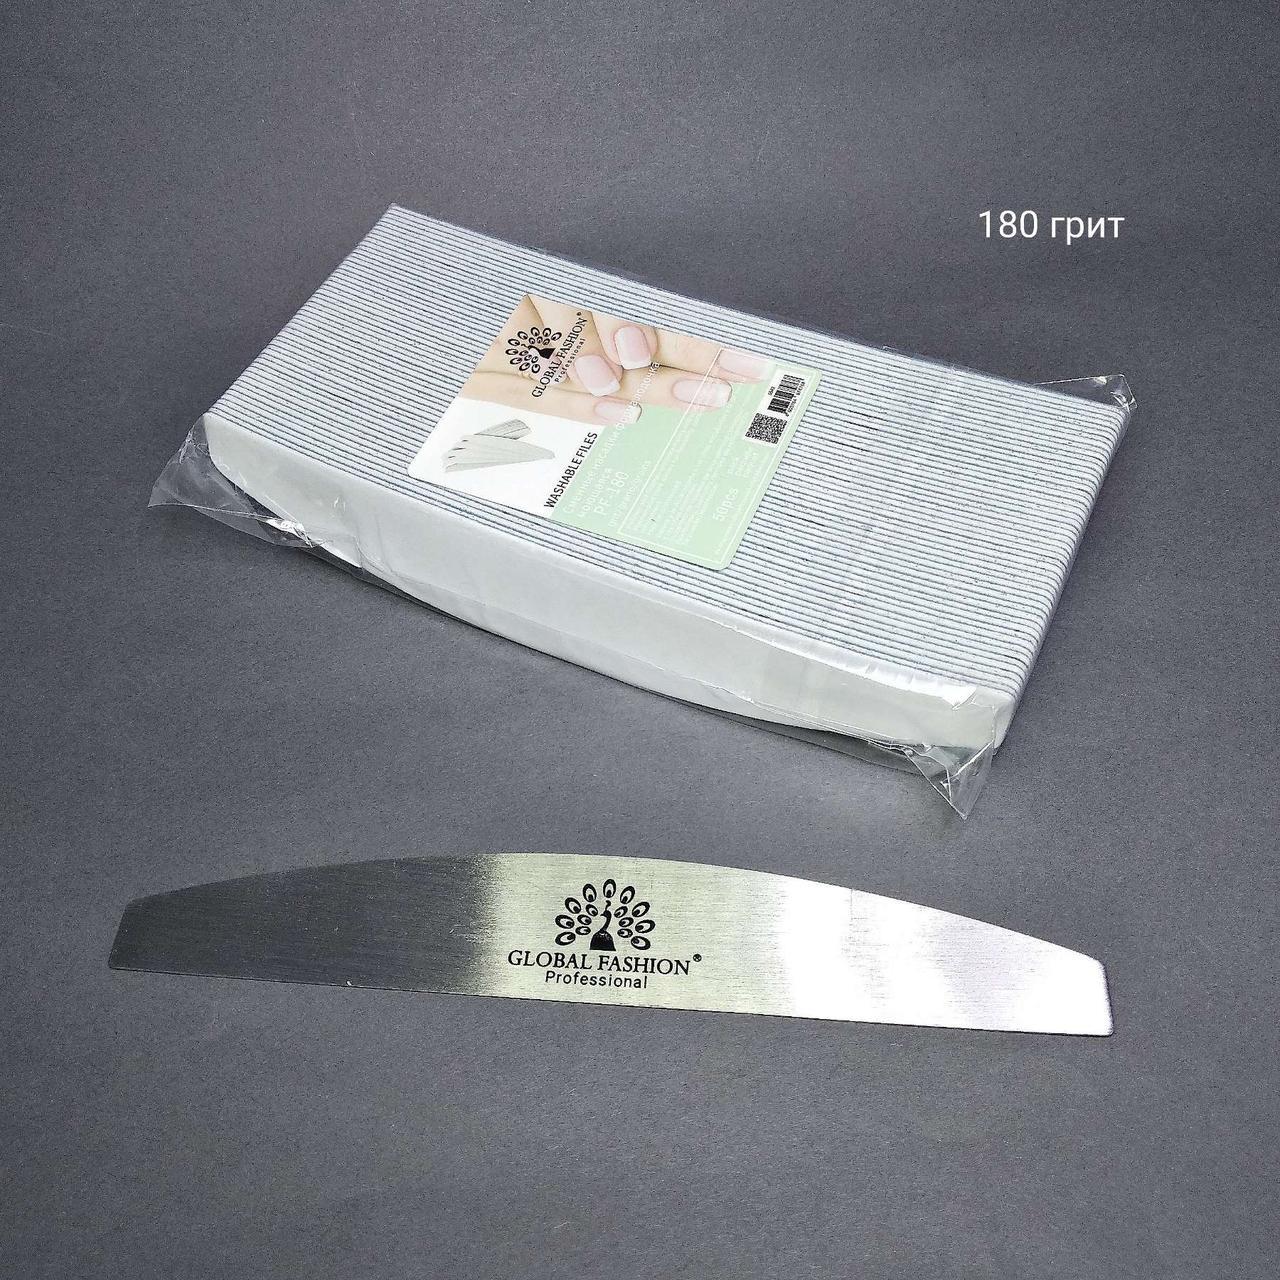 Металлическая пилка Global Fashion с сменными файлами-абразивами 180 грит (50шт)